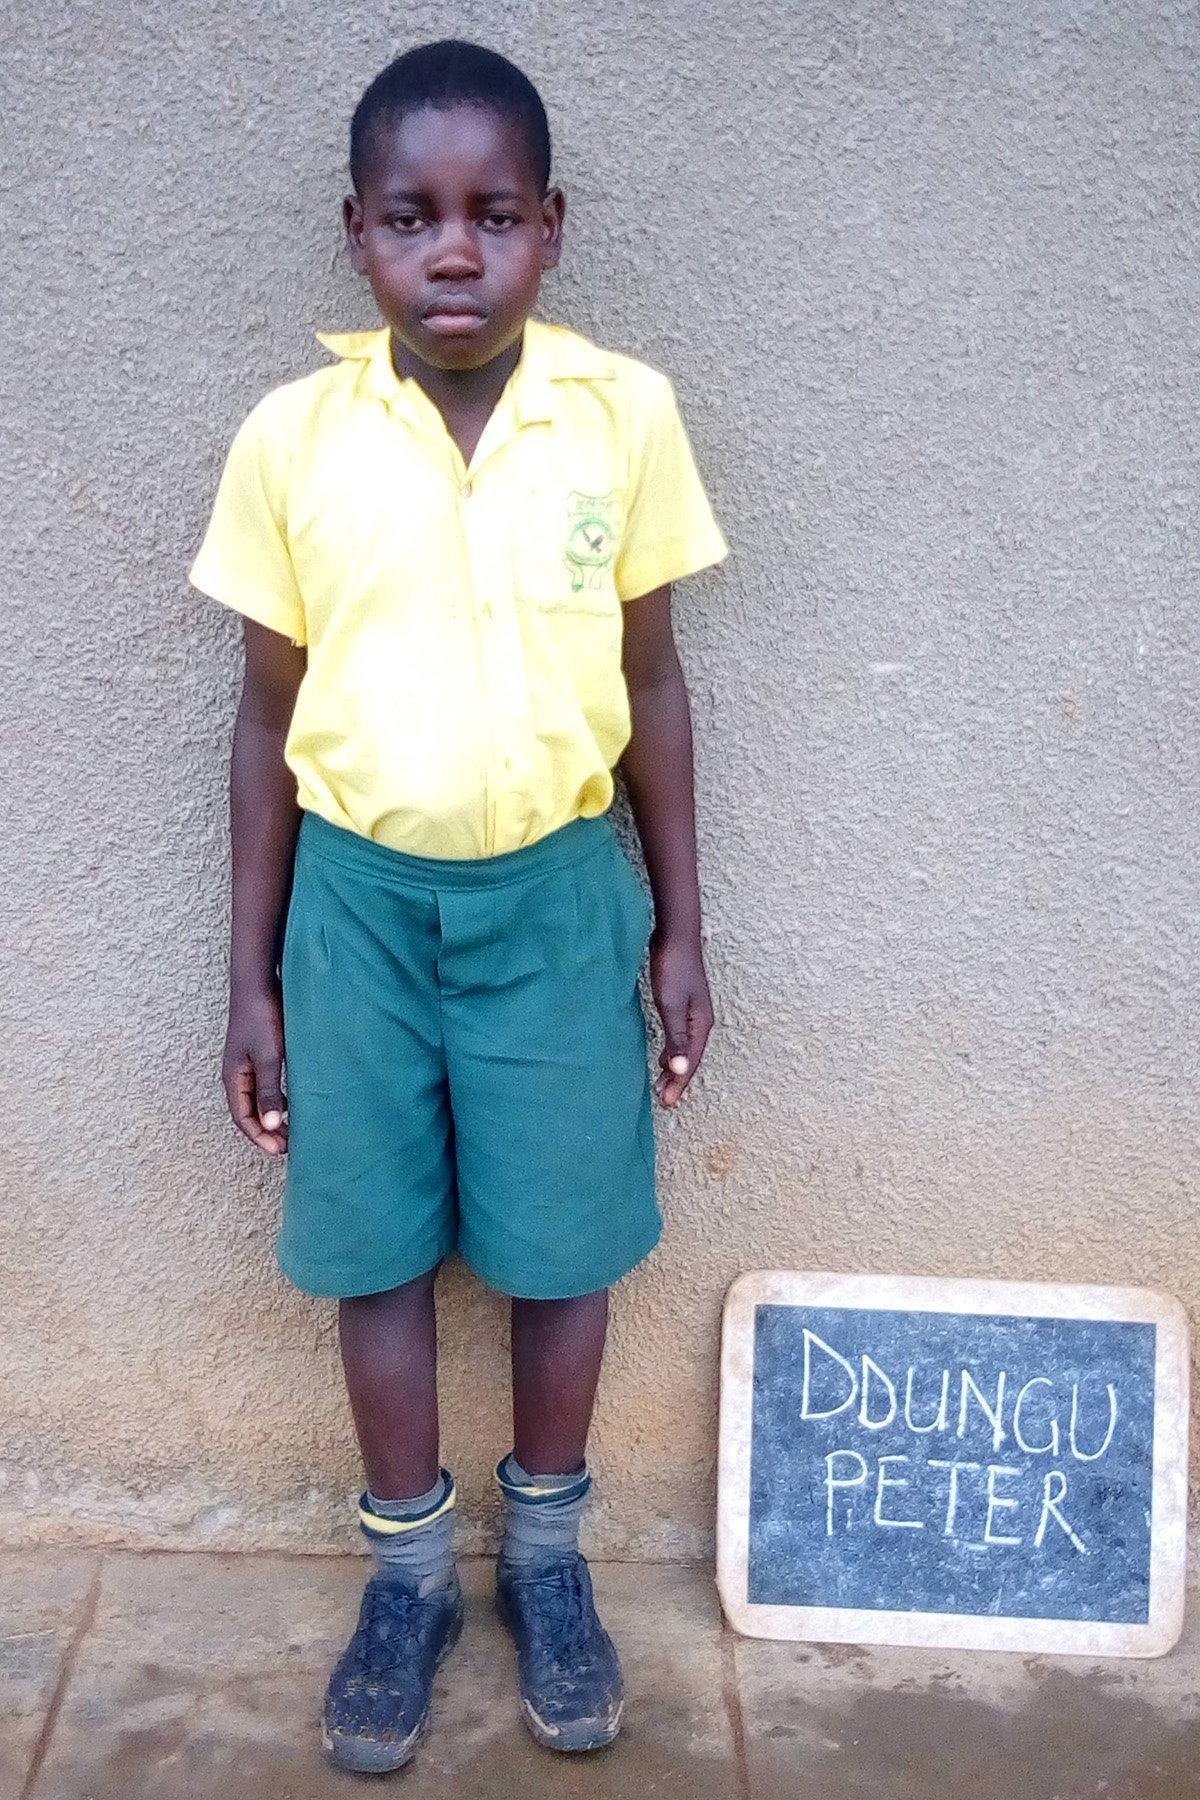 Peter Ddungu